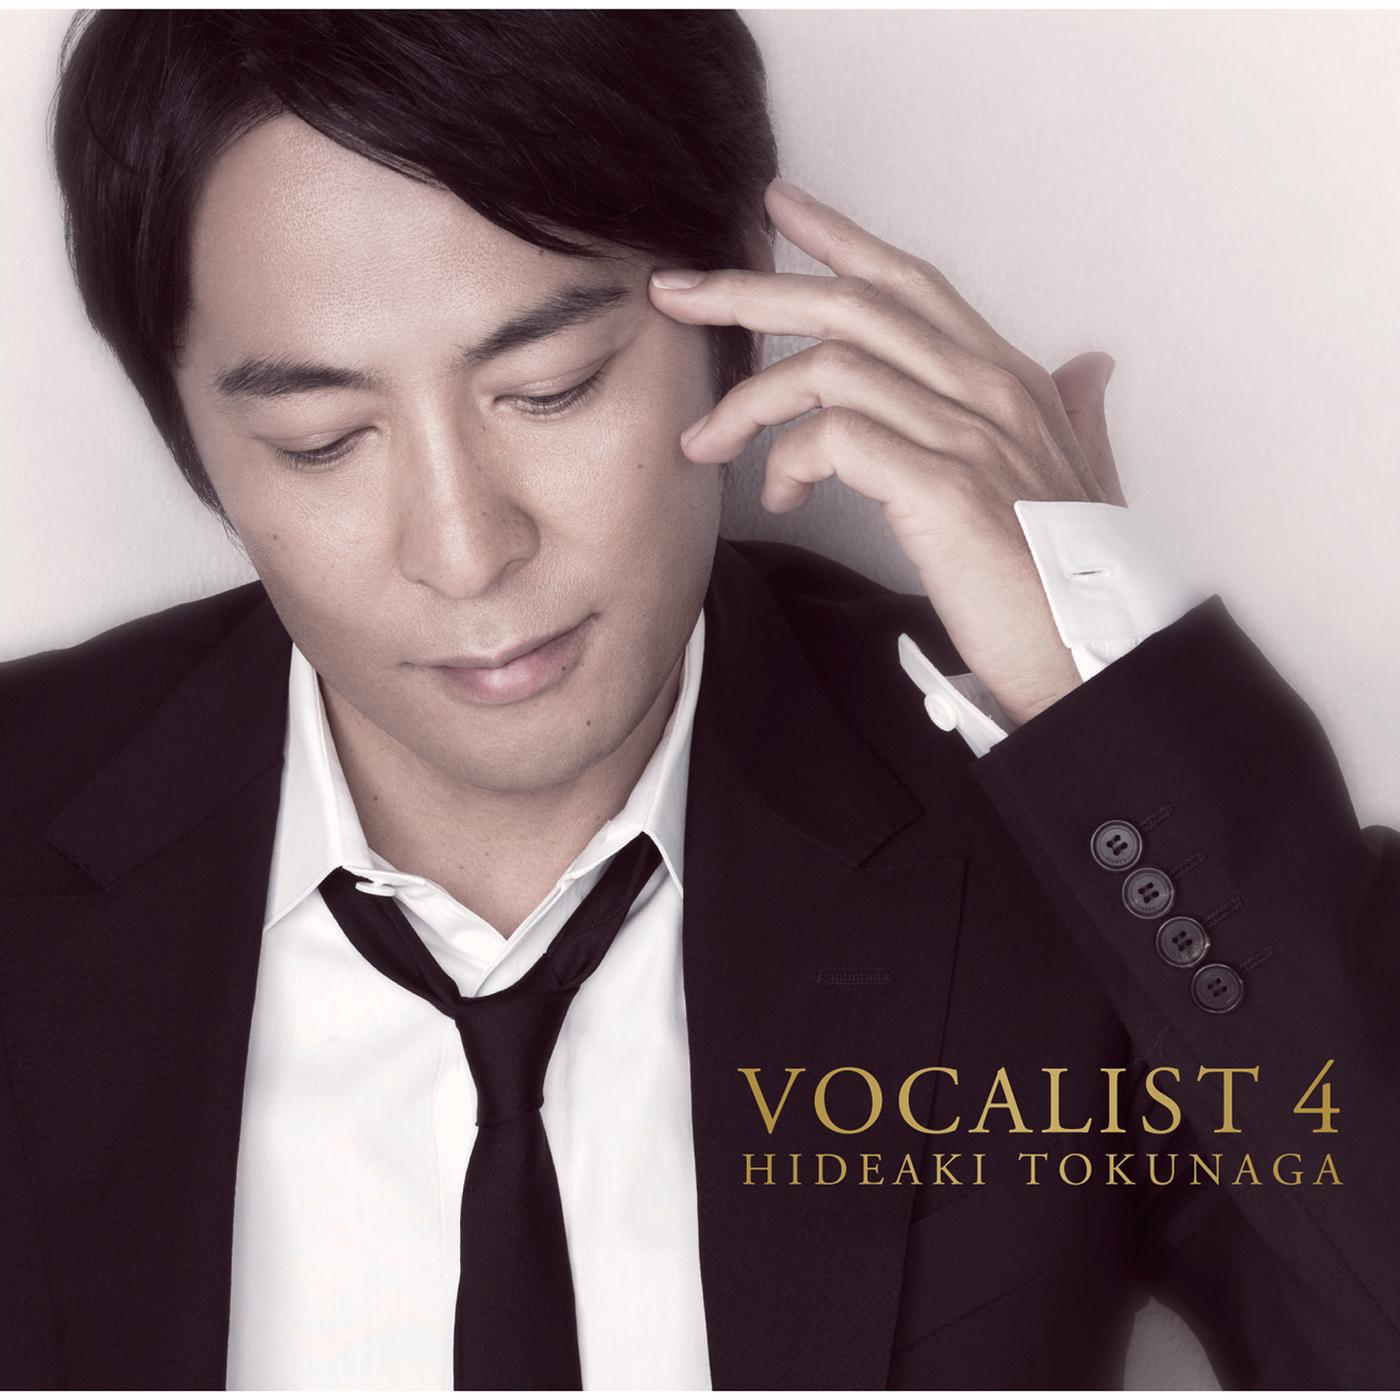 德永英明br《vocalist 4》brhi res级无损48khz24bit